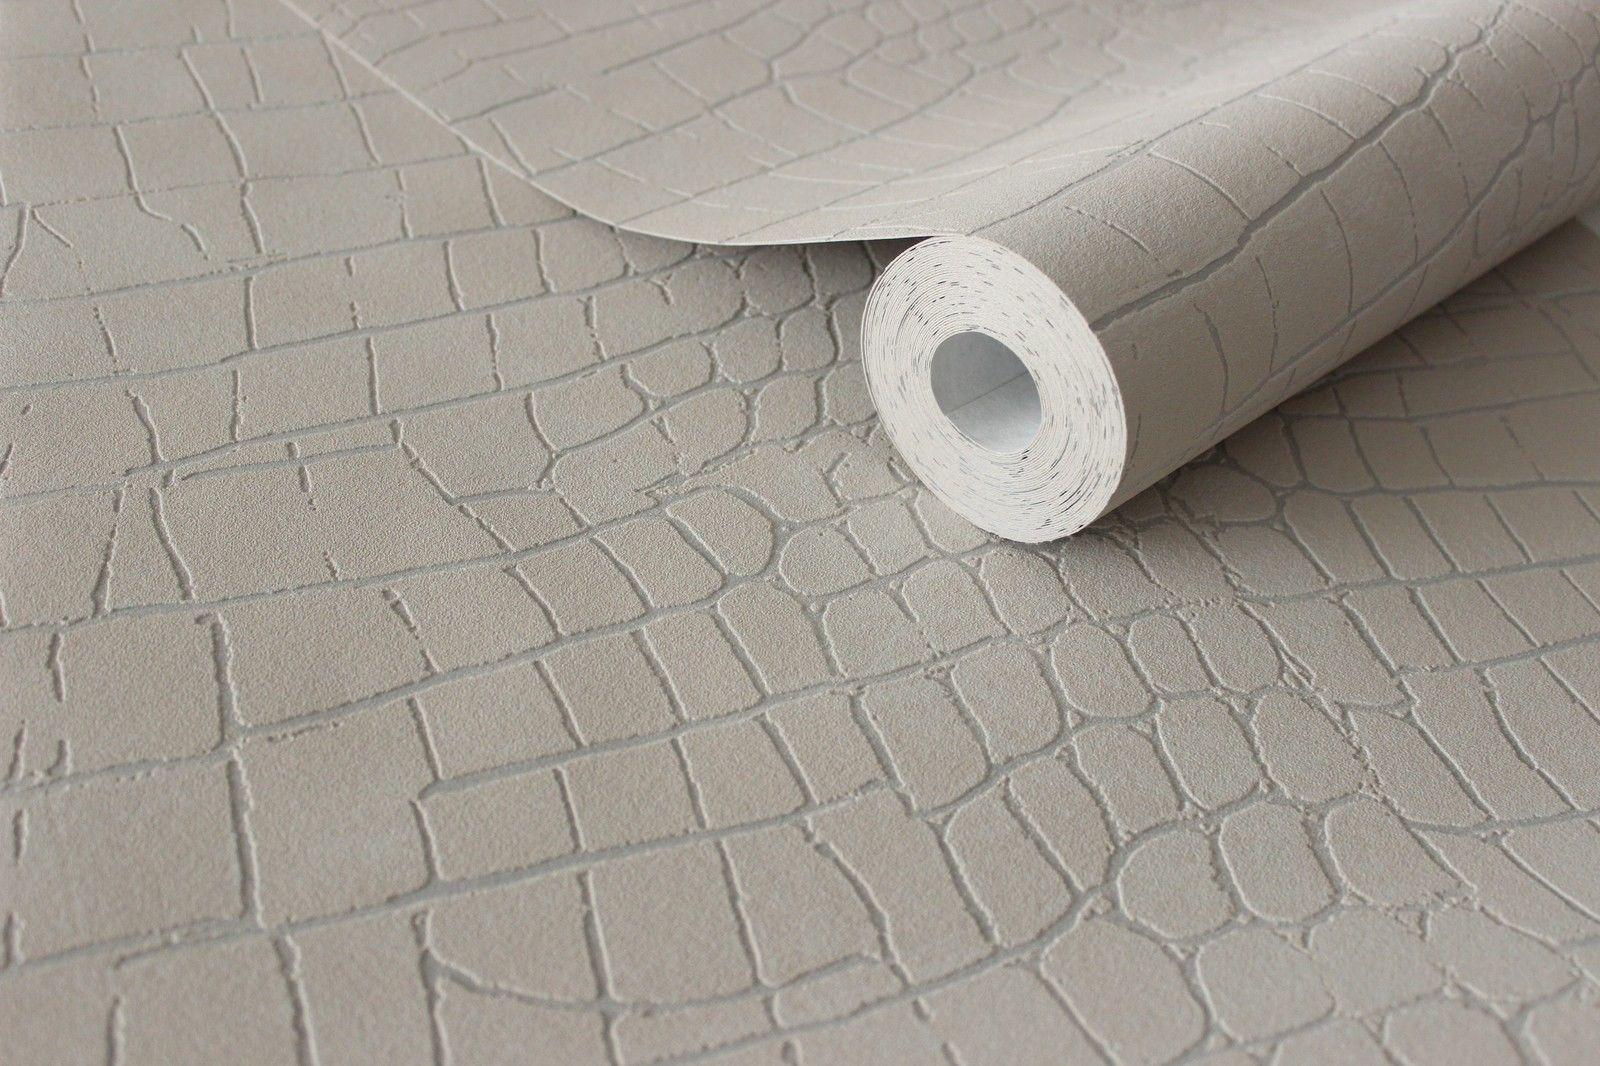 vlies tapete bruchstein stein struktur tapete taupe creme braun grau 68606 kaufen bei. Black Bedroom Furniture Sets. Home Design Ideas